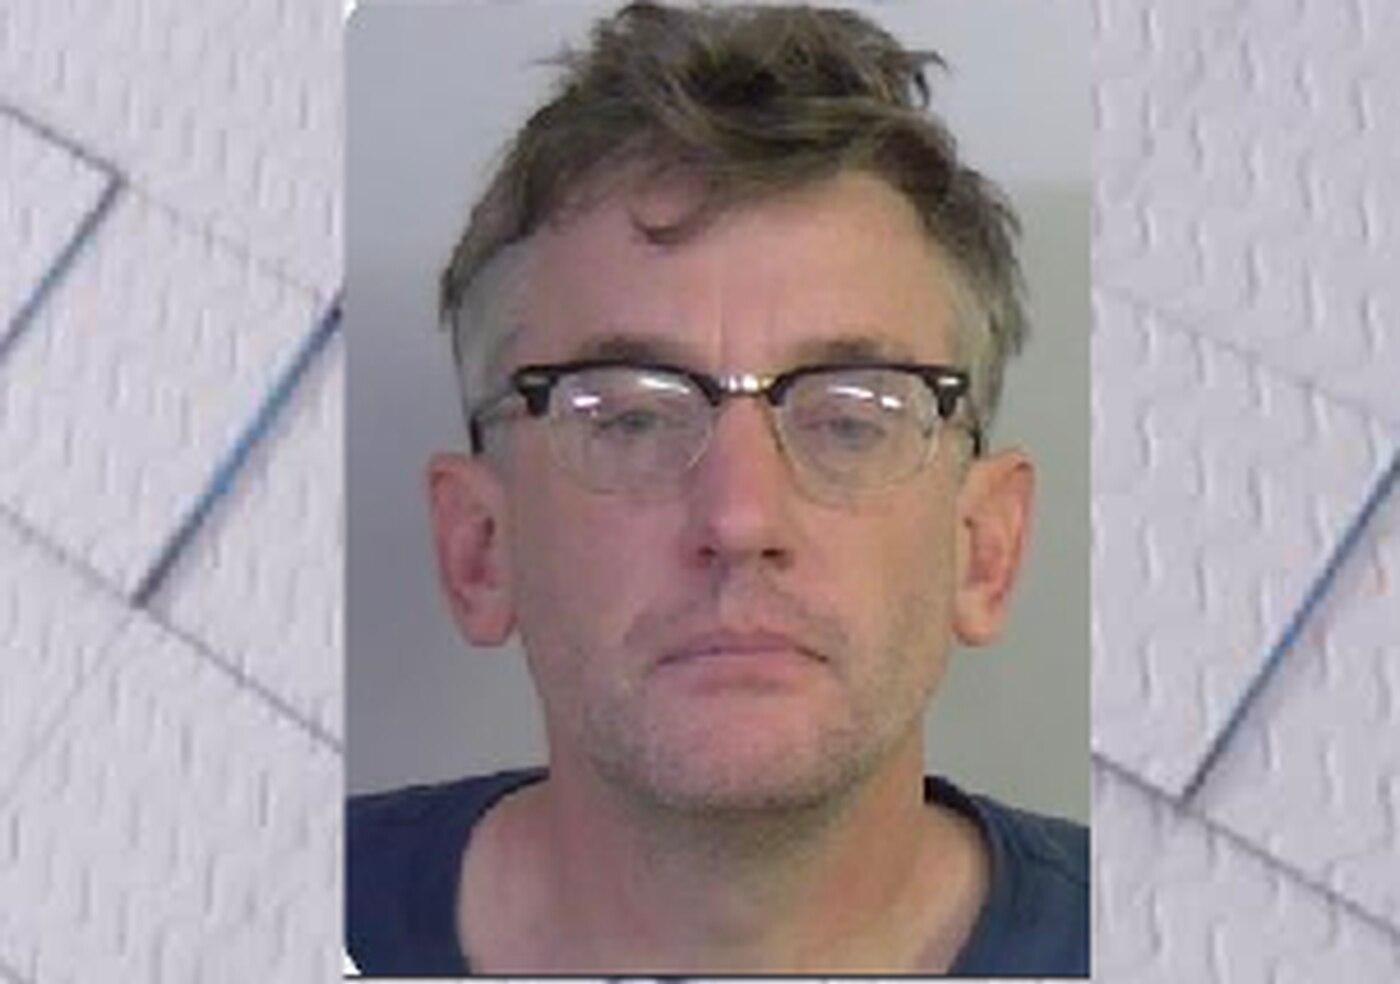 Profesor de Tuscaloosa, es arrestado nuevamente por nuevos cargos